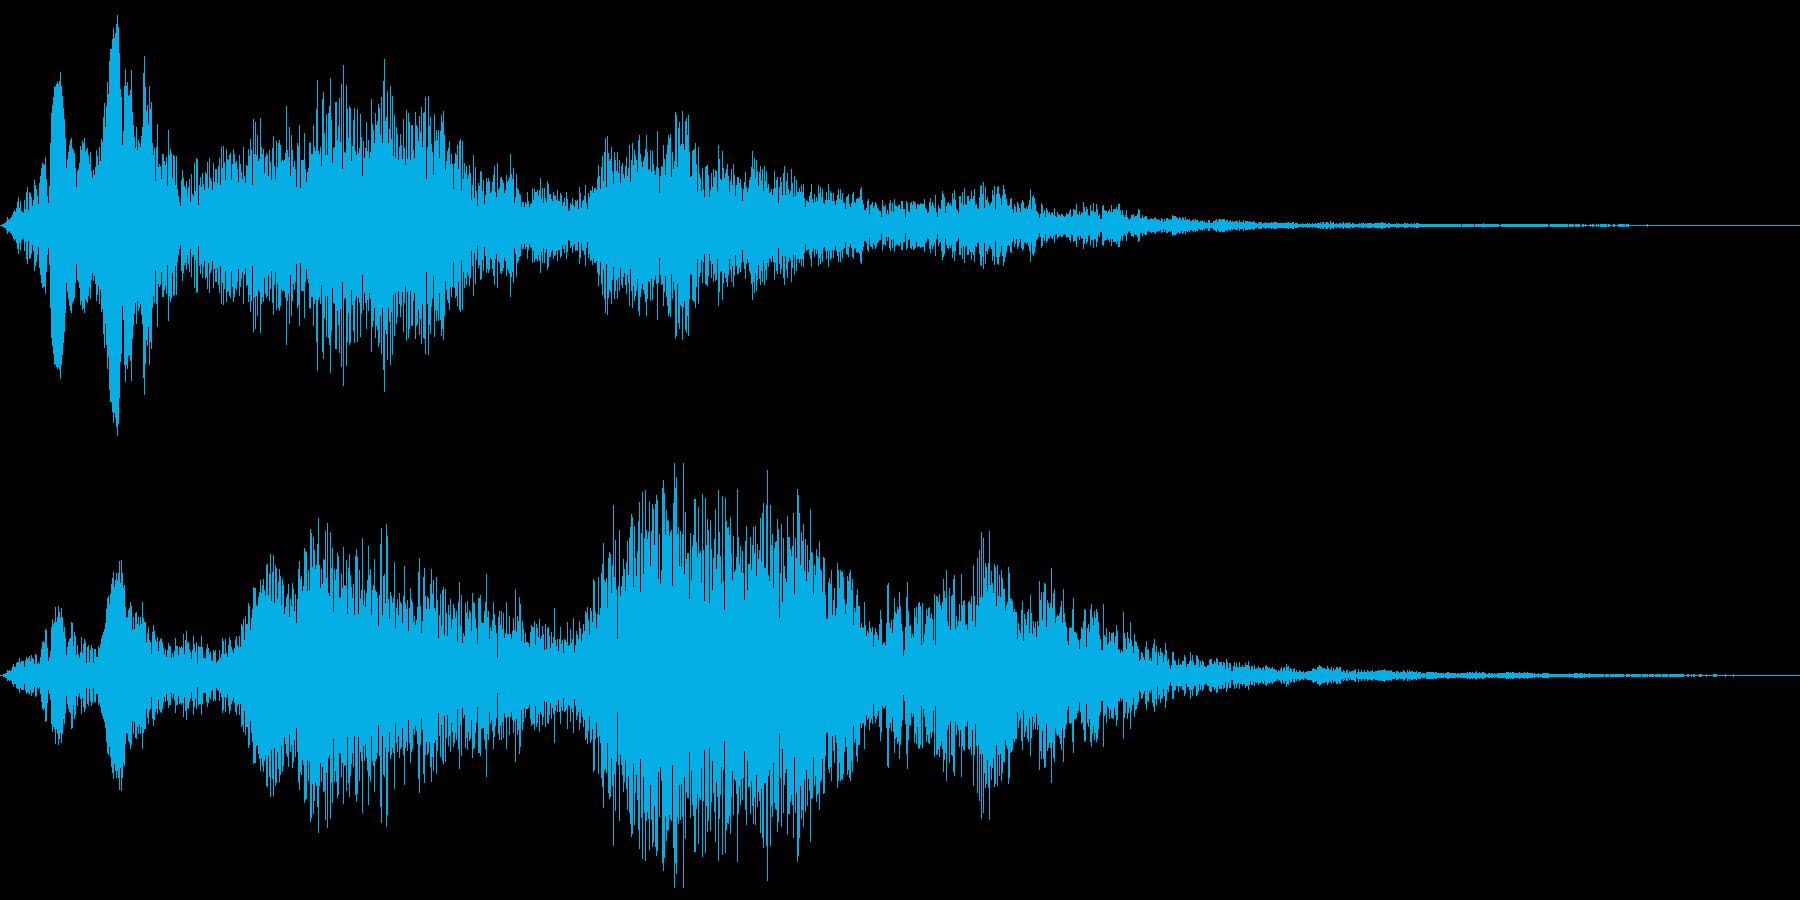 ホワワァ、という広がりのある近代的な音の再生済みの波形